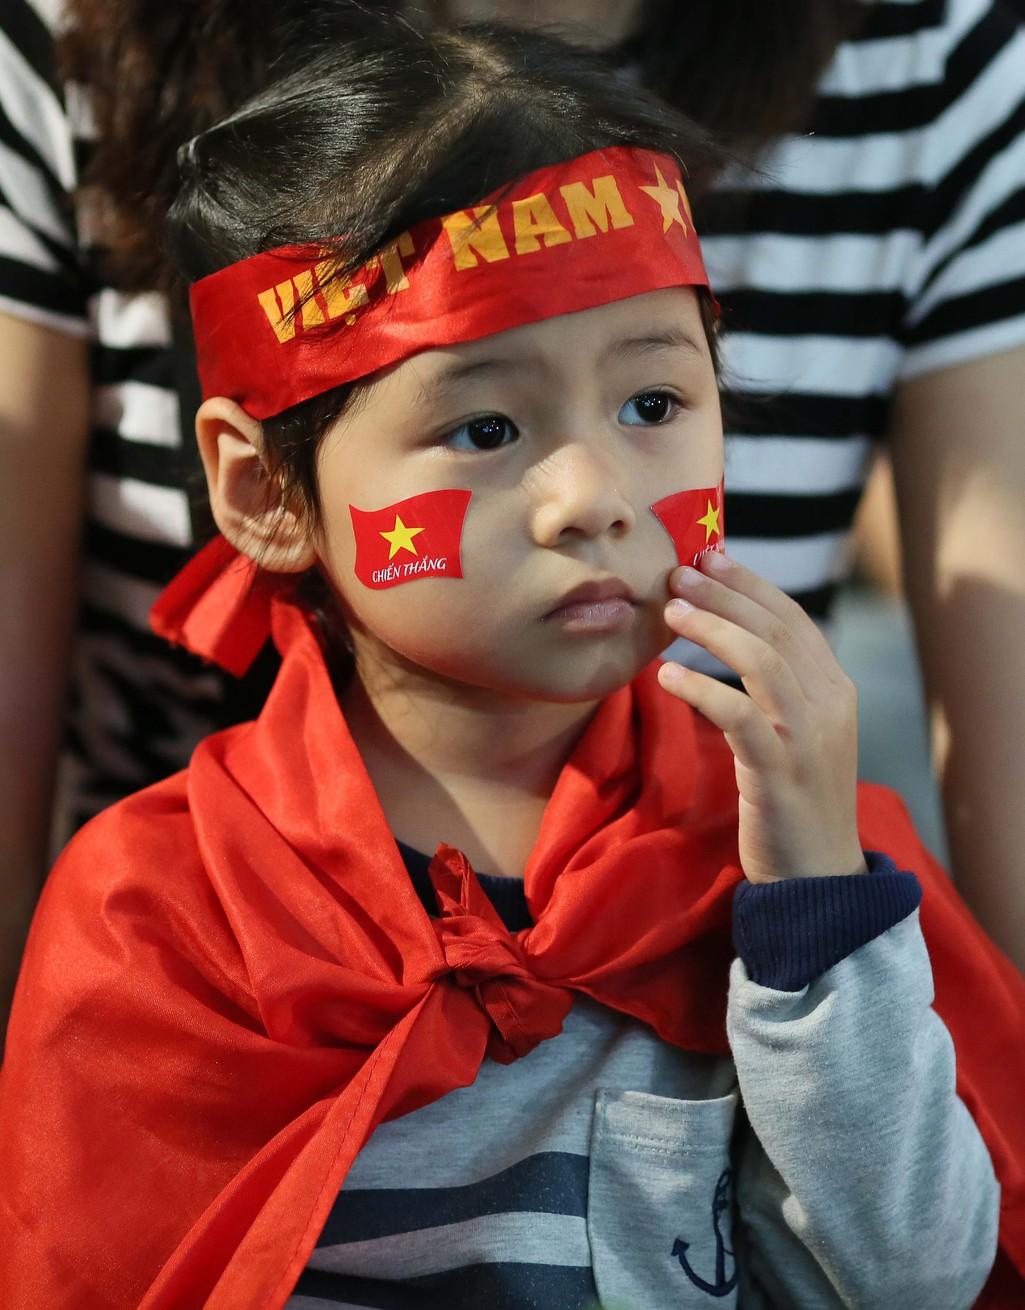 Muôn màu cảm xúc CĐV Việt Nam trong trận hòa Thái Lan - Ảnh 5.